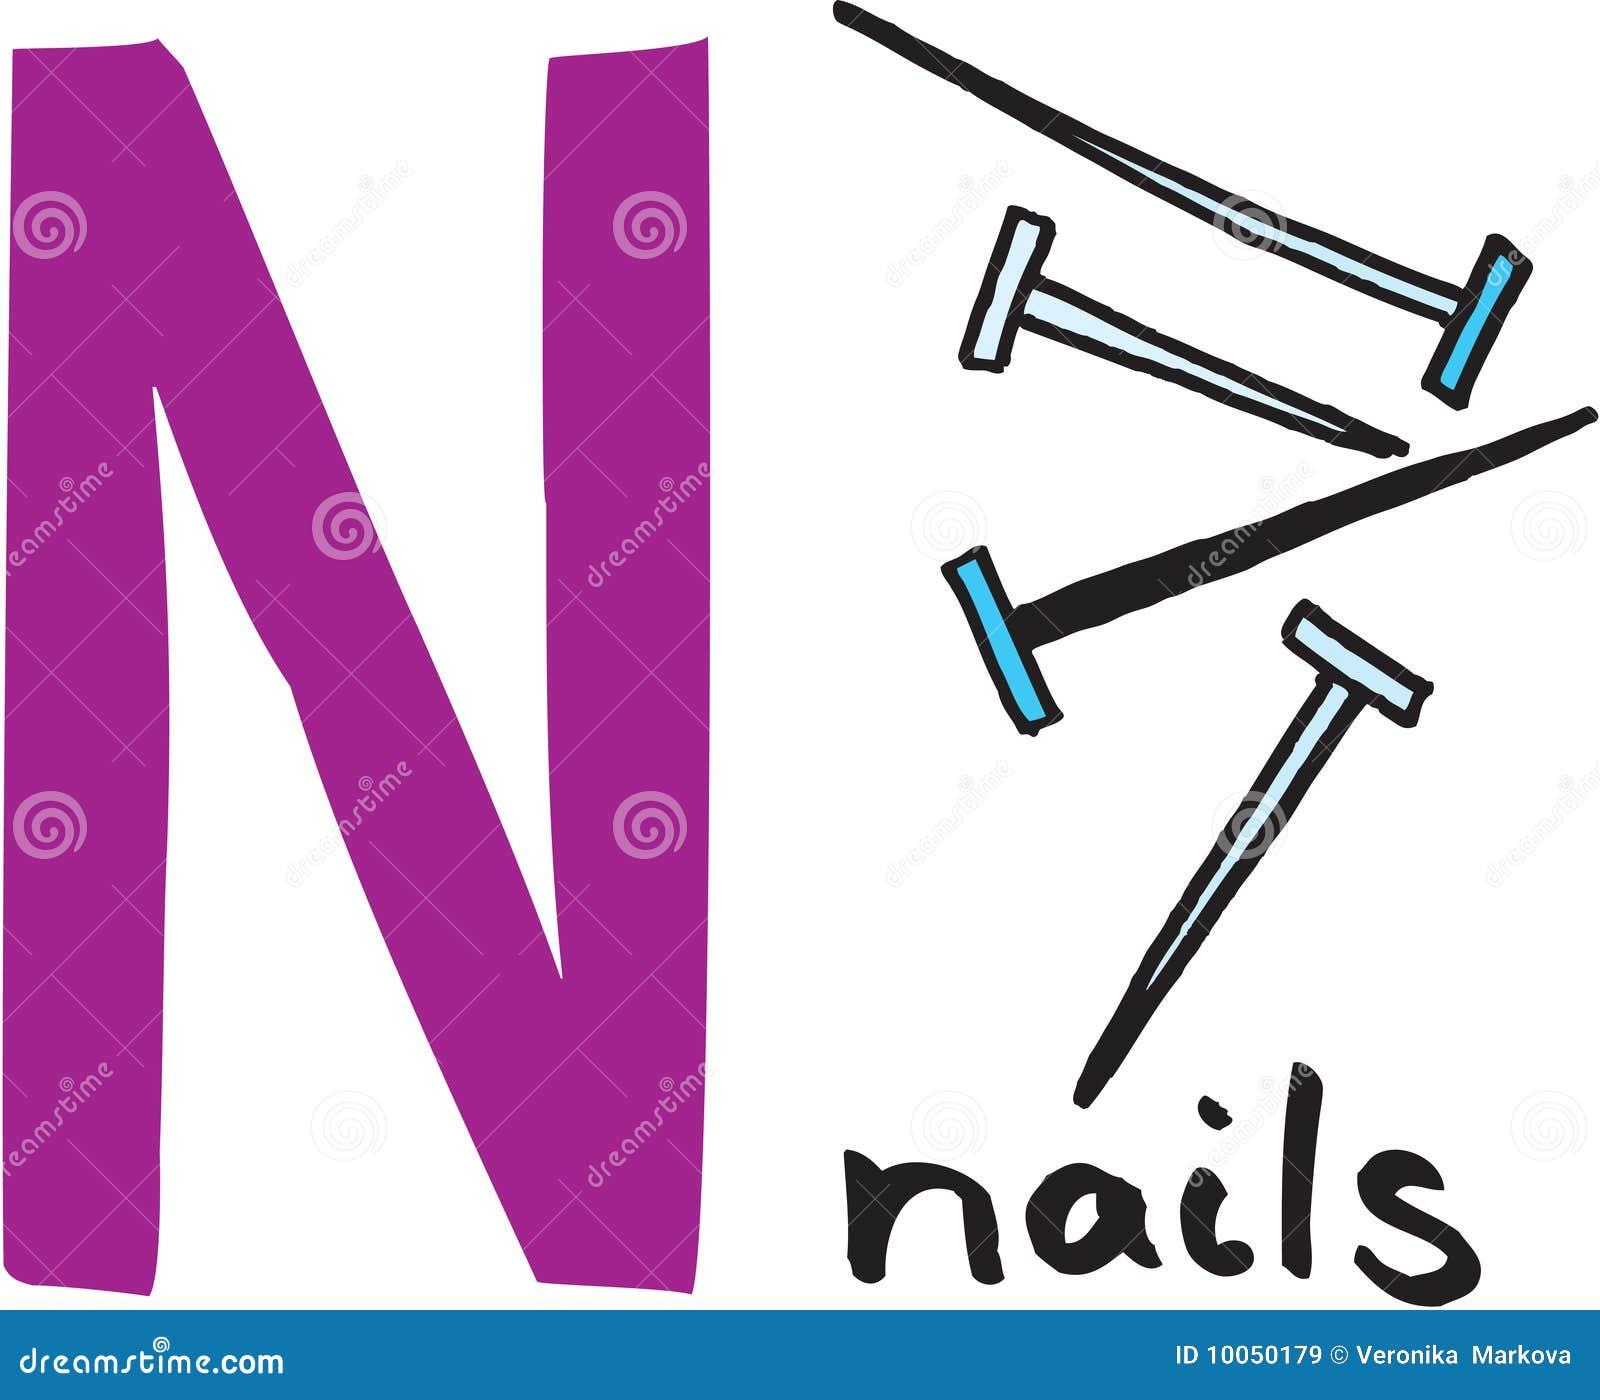 nail arts design